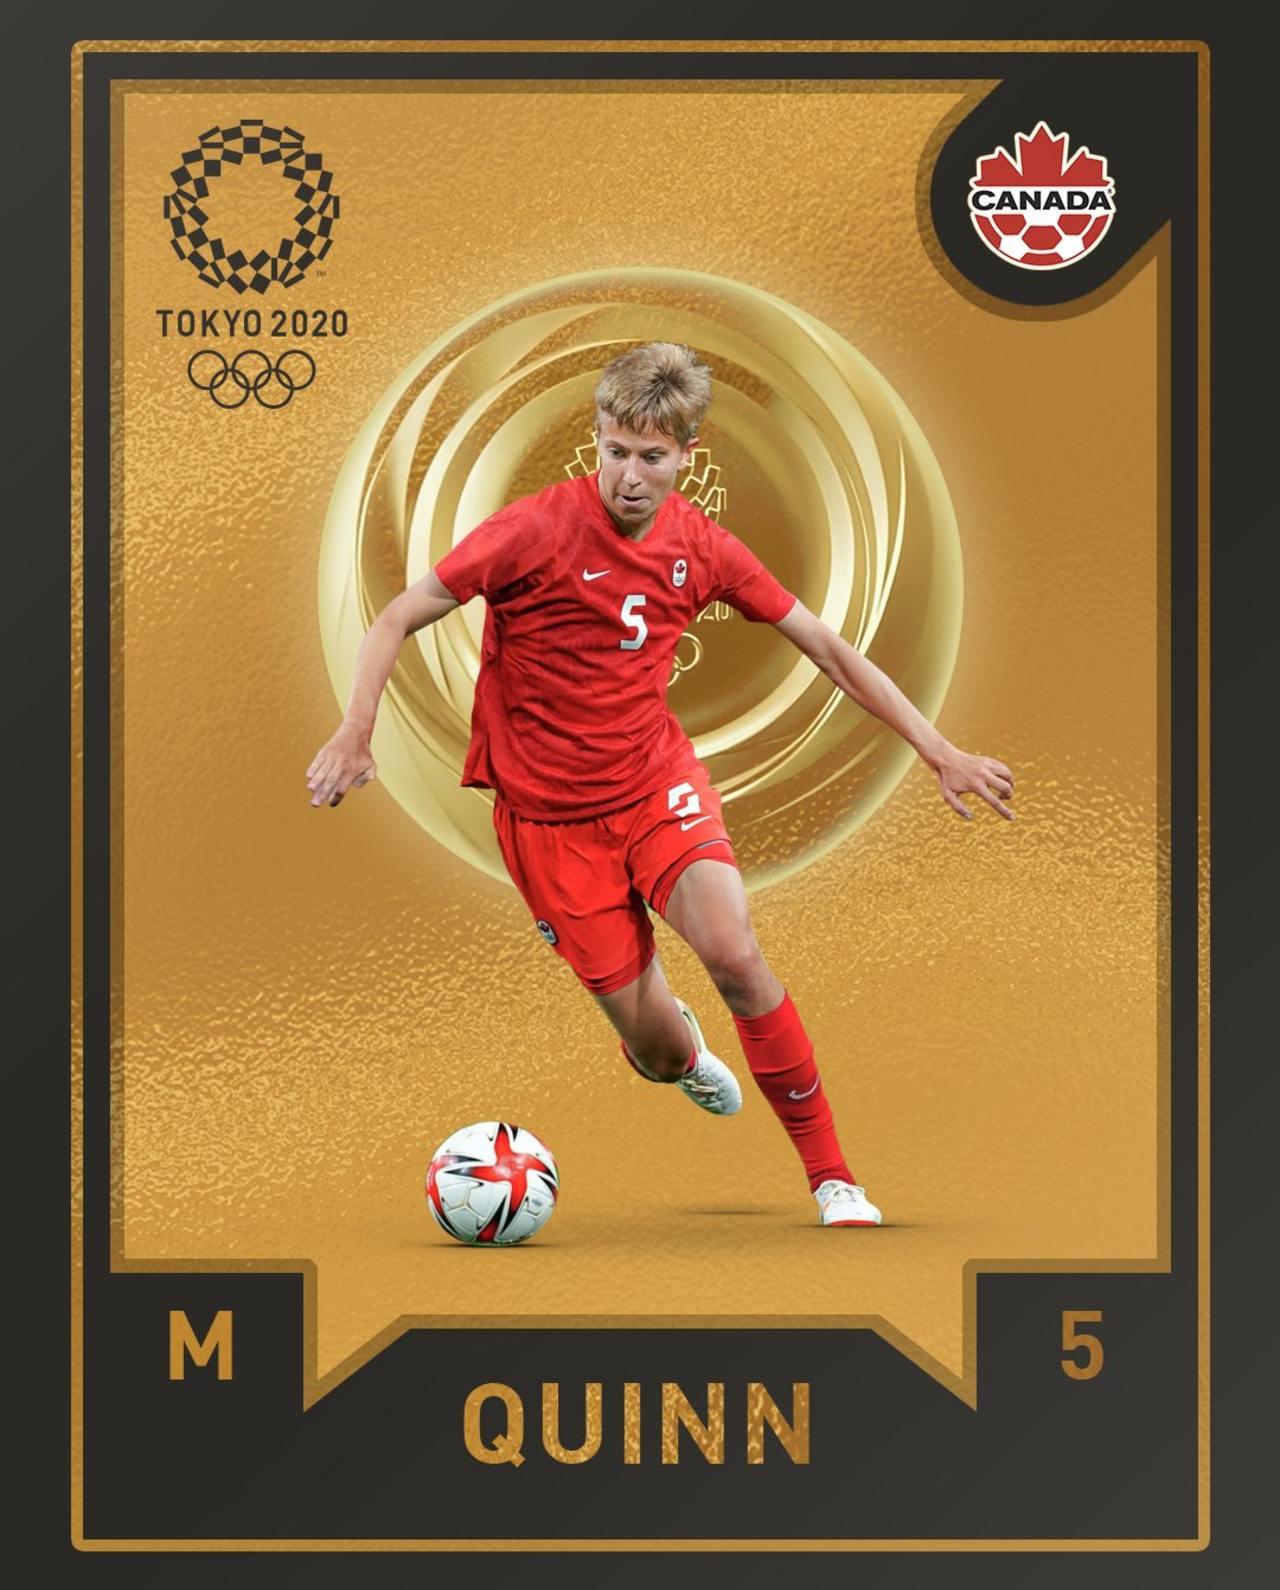 Tokyo 2020 Quinn persona trans medallista